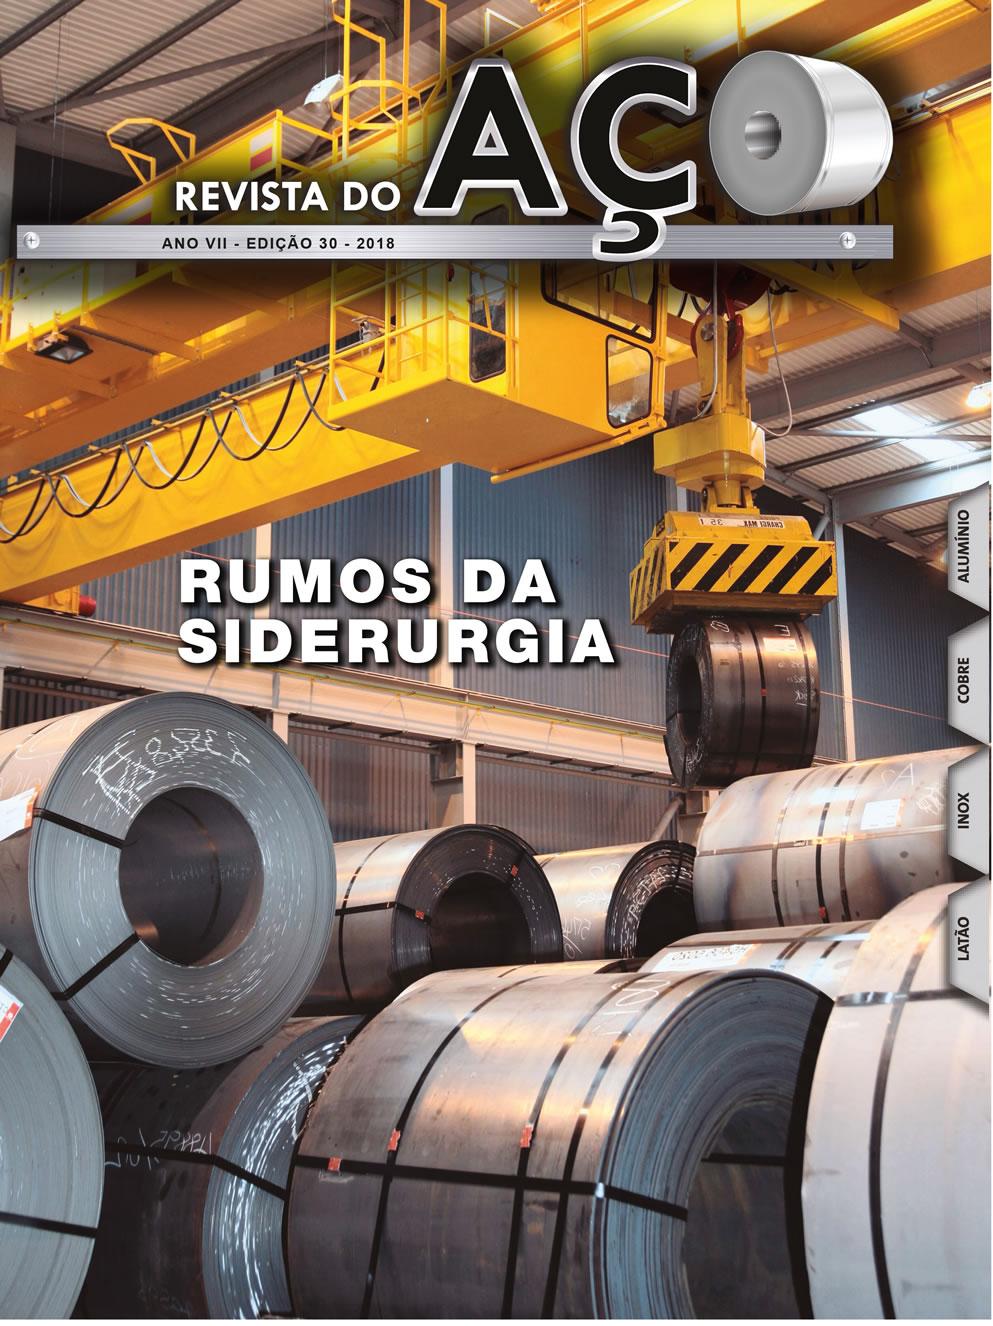 Revista do Aço - Edição 30